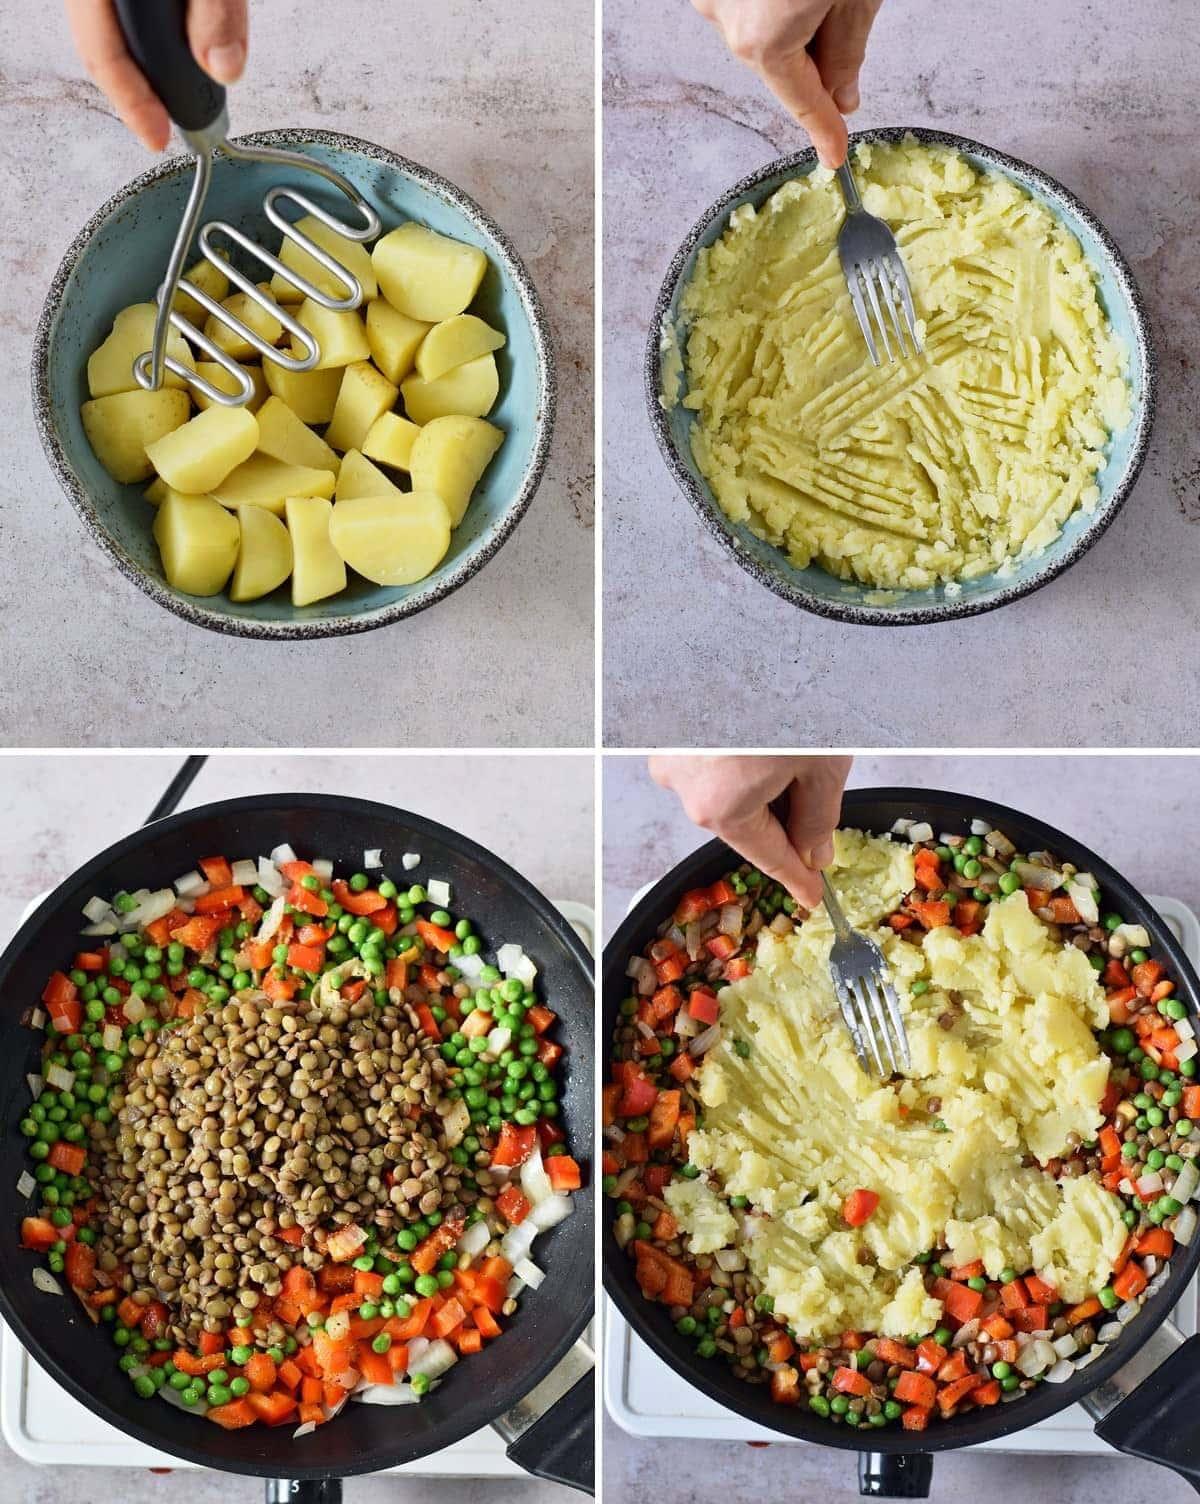 4 Schritt-für-Schritt-Fotos von der Herstellung einer veganen Empanada-Füllung